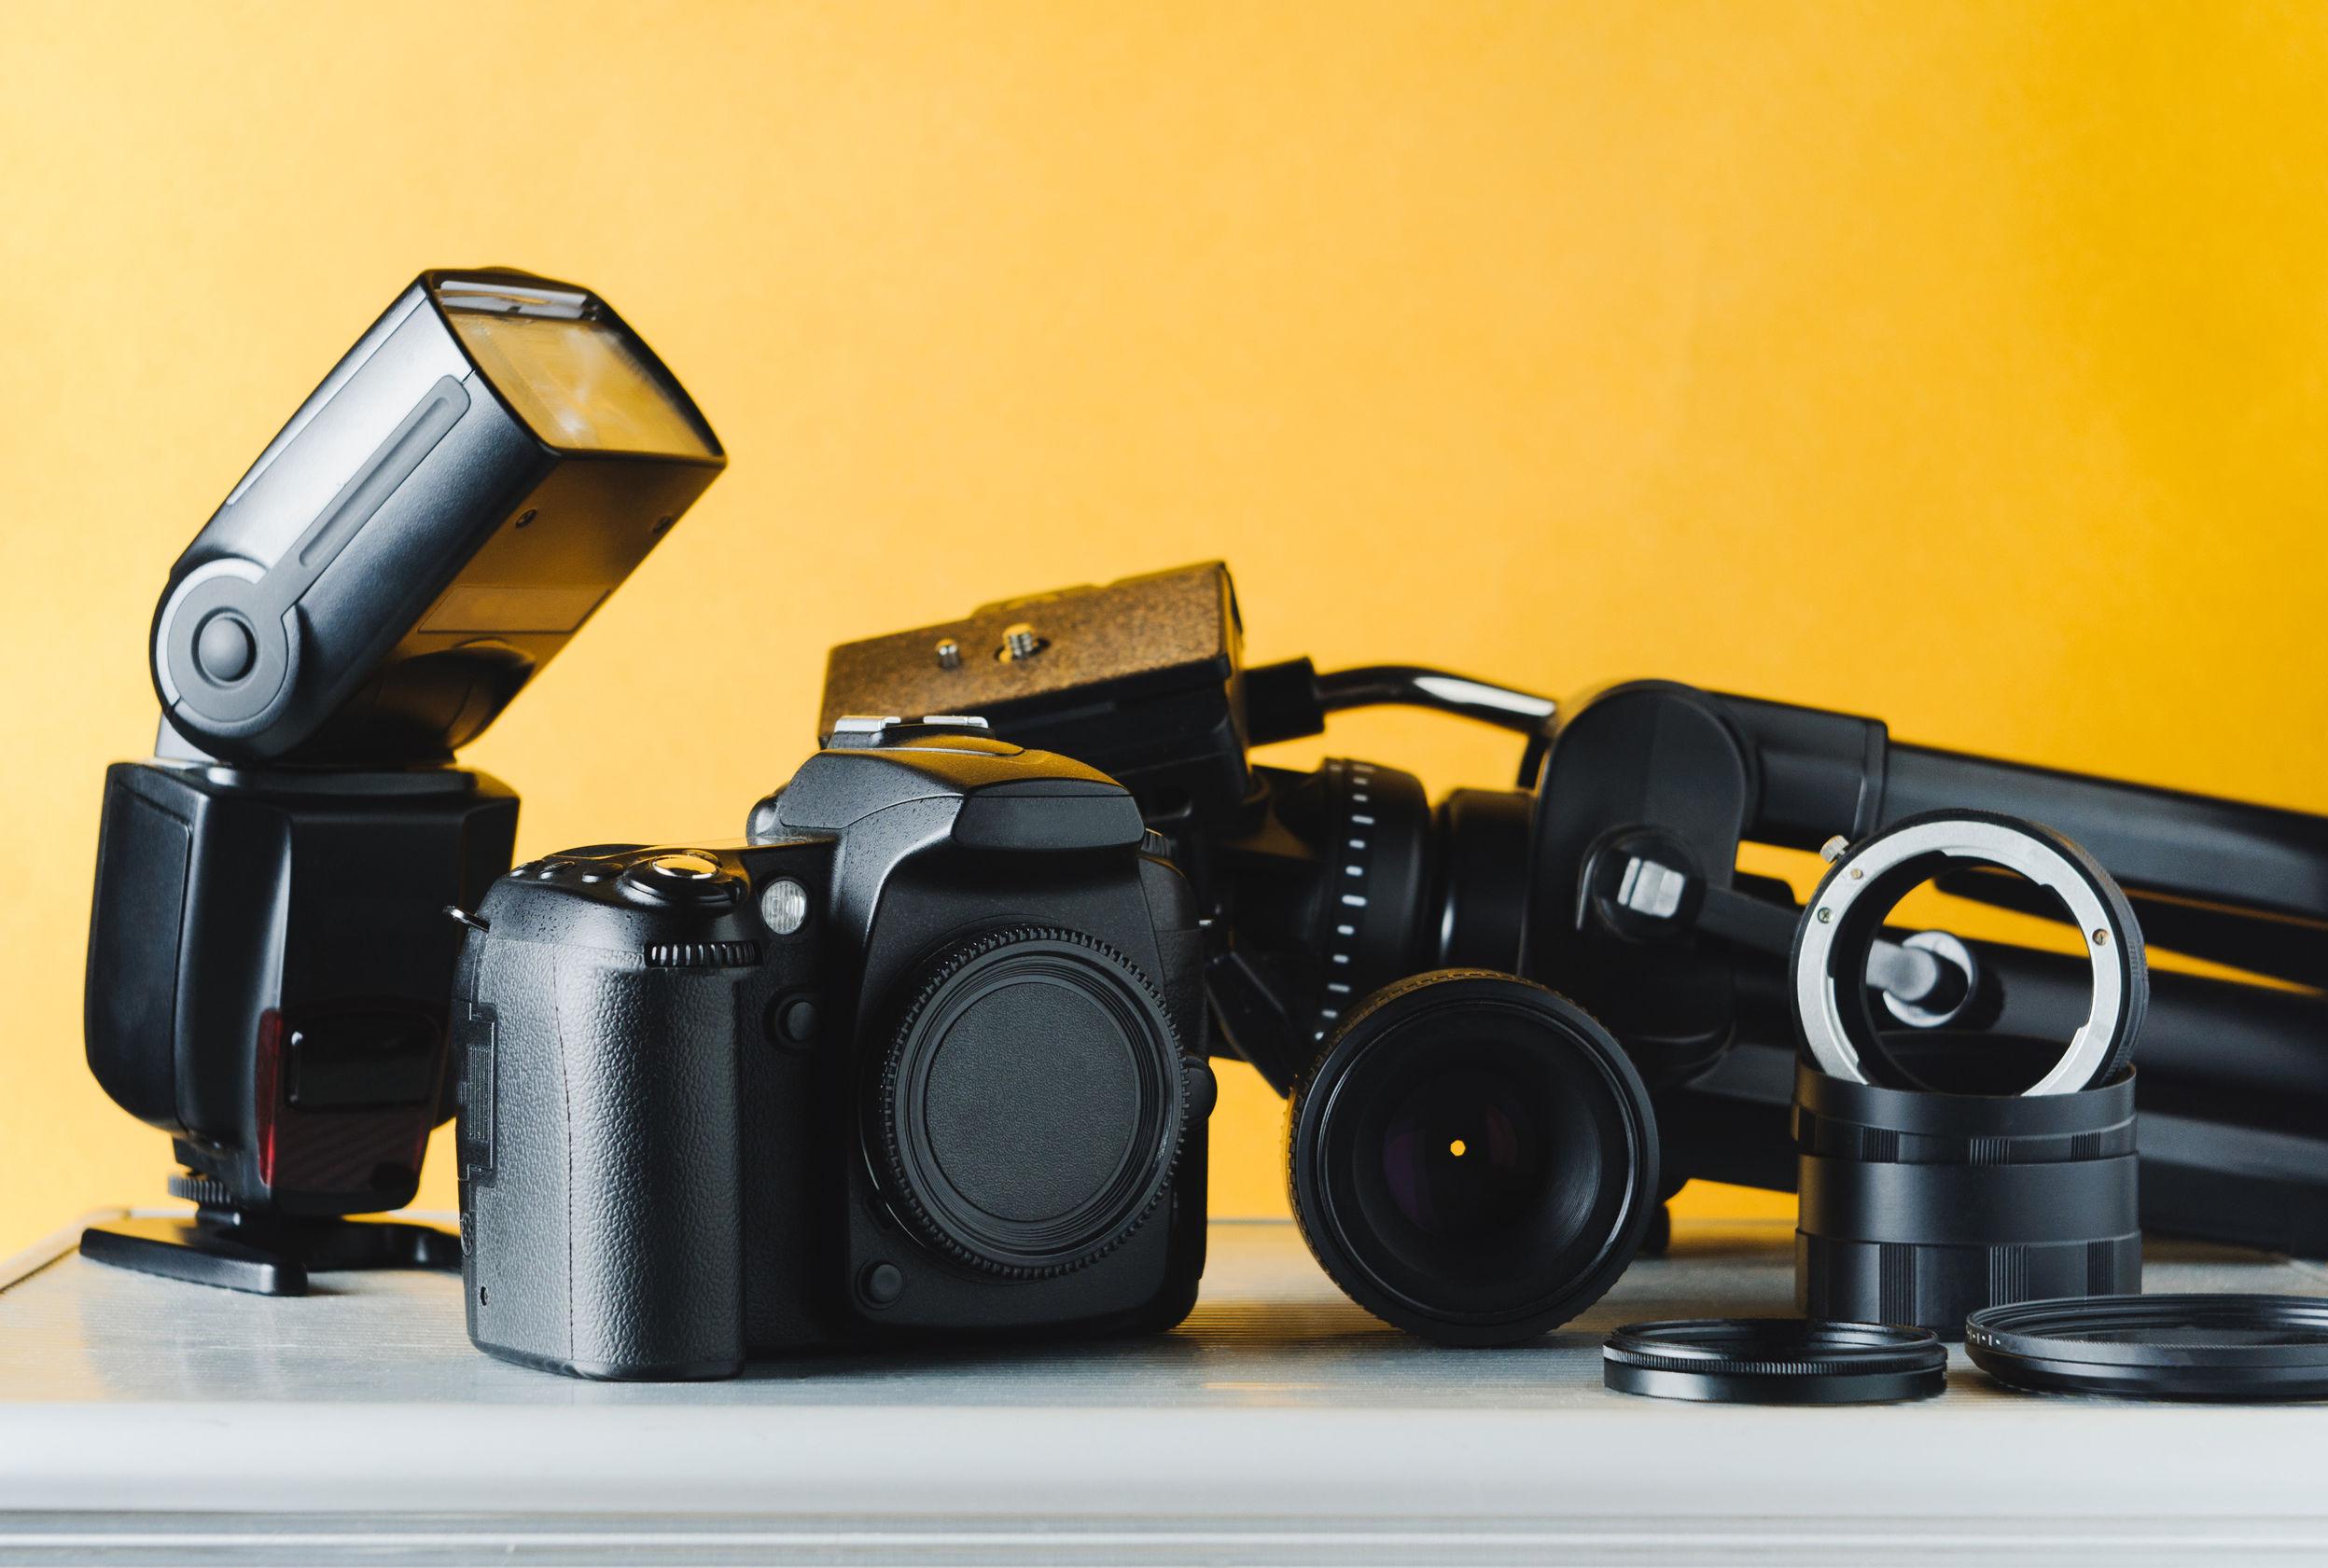 Set de cámara profesional en fondo amarillo